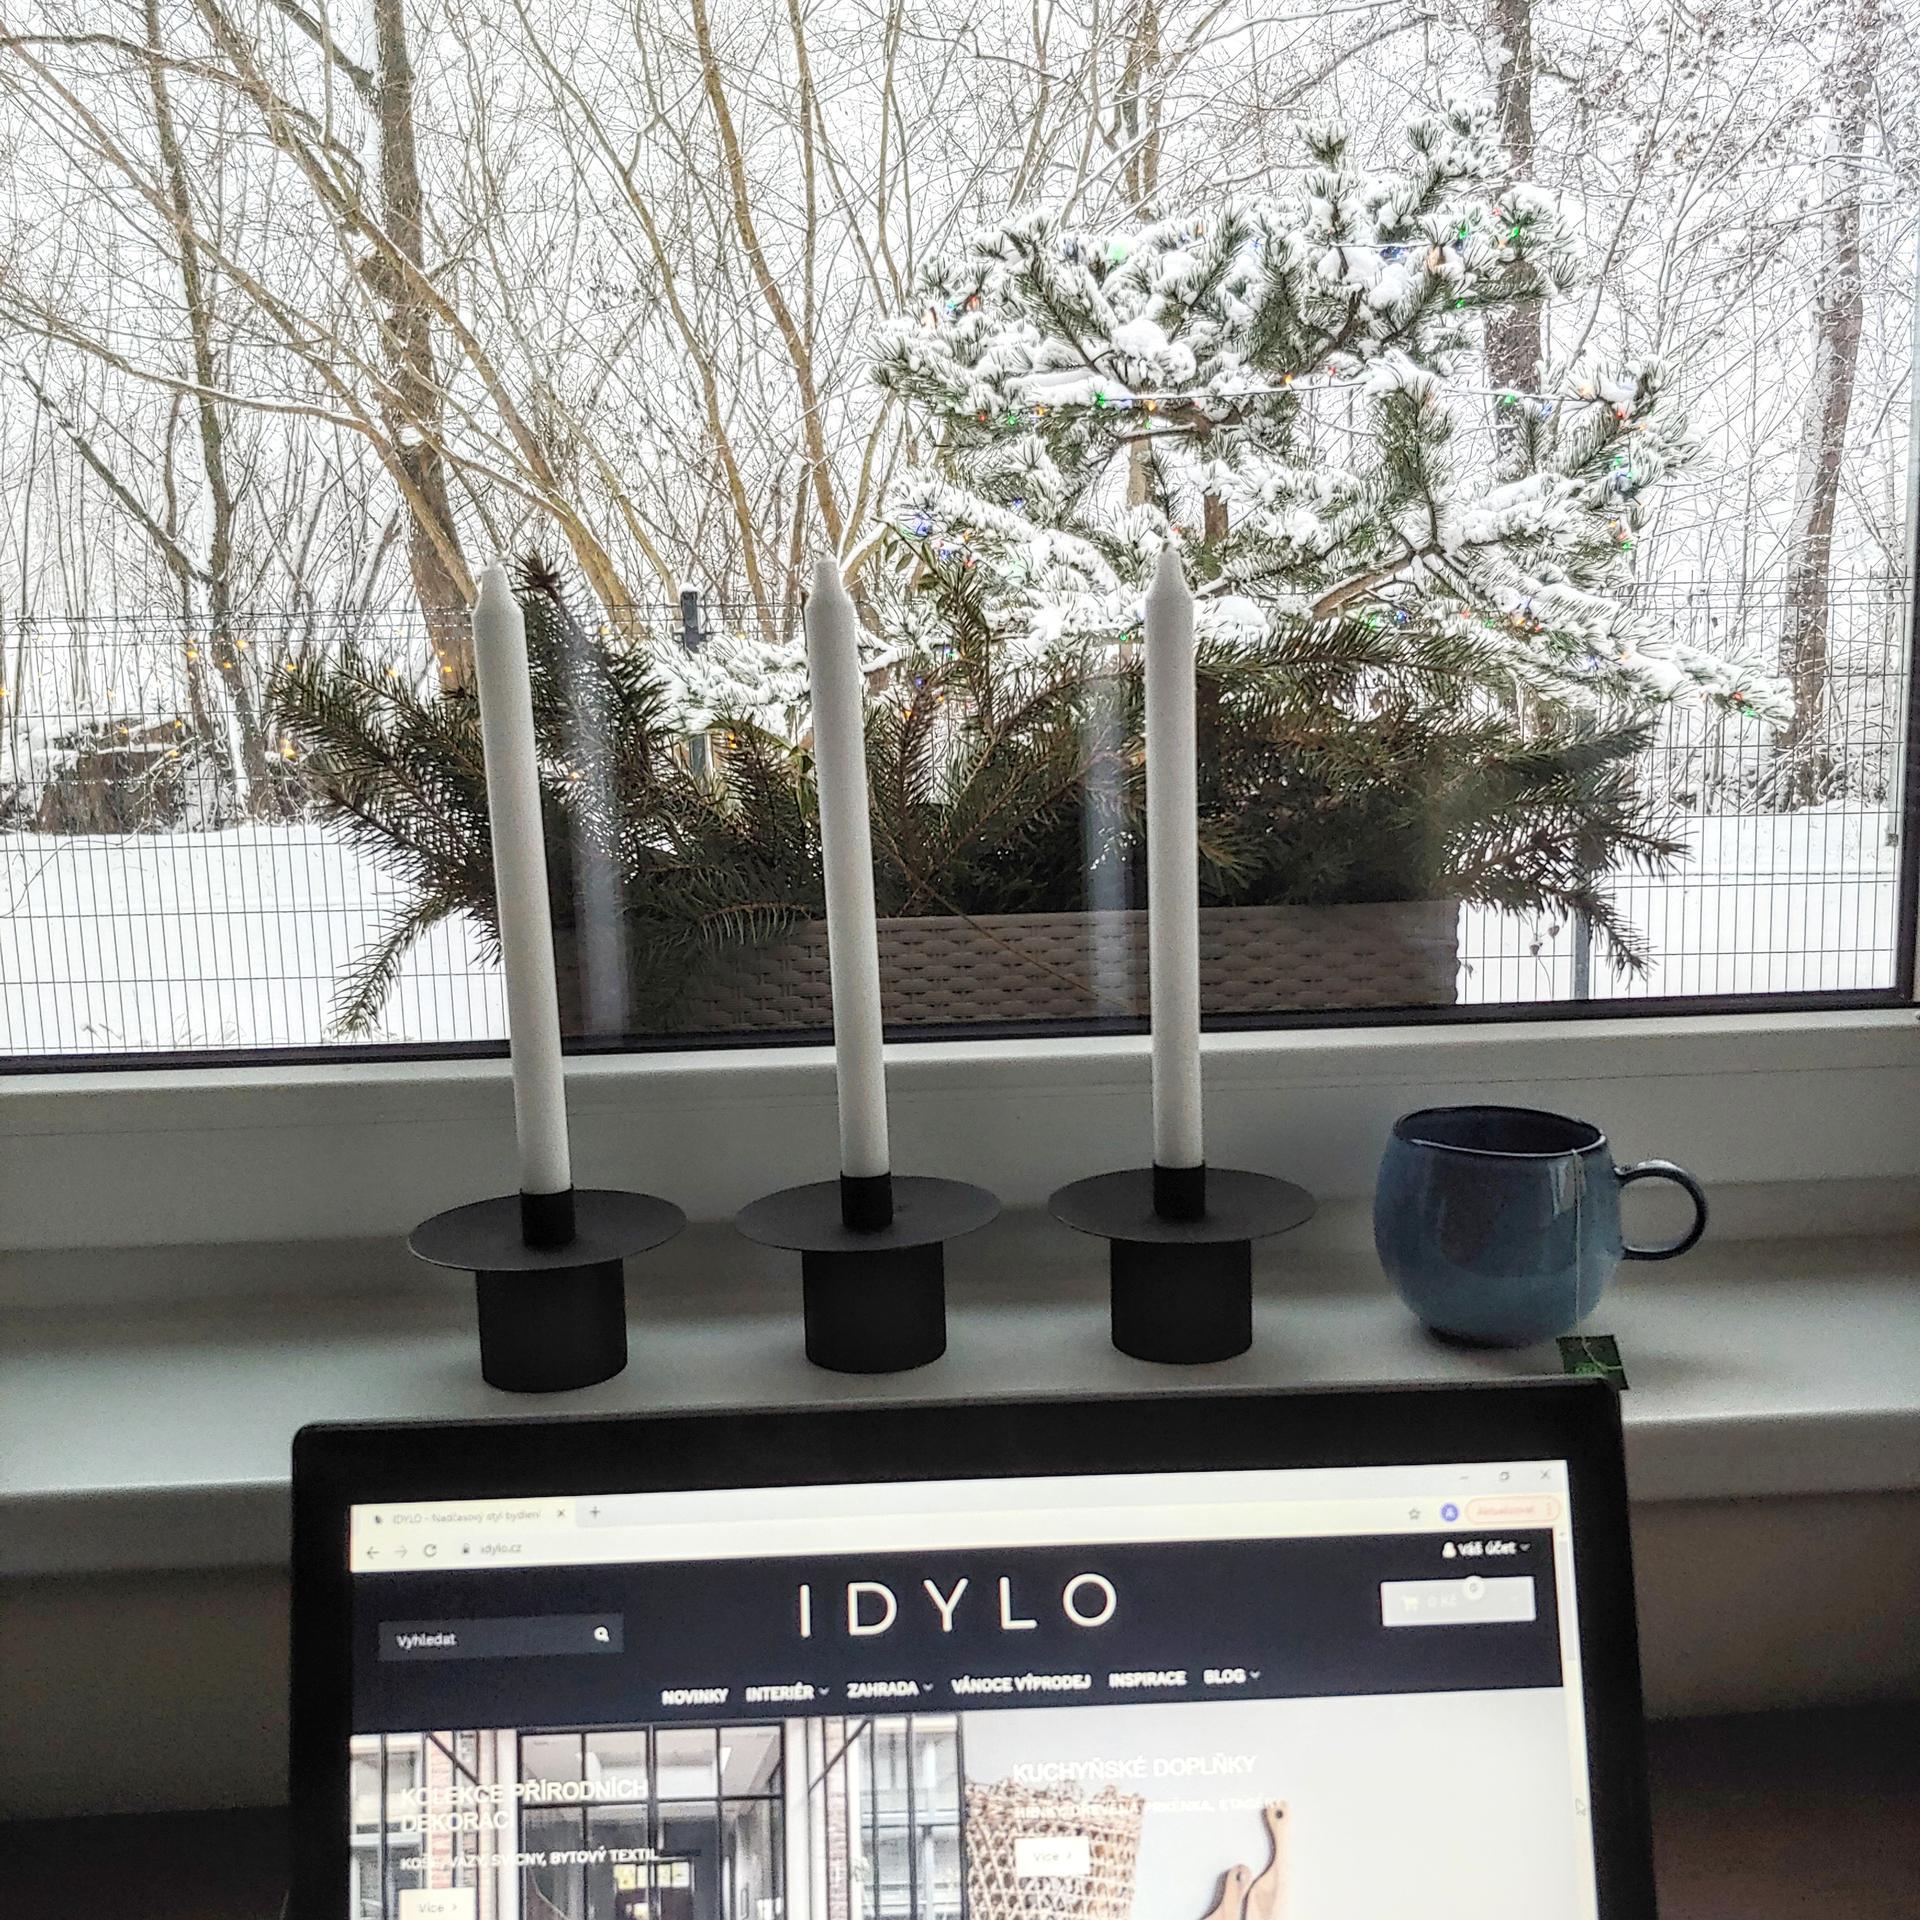 Dnešní zasněžený výhled z kanceláře❤ A můj oblíbený modrý půllitrák se svícny THOMAS, k dostání i se svíčkami do nich na www.idylo.cz 😊 - Obrázek č. 1